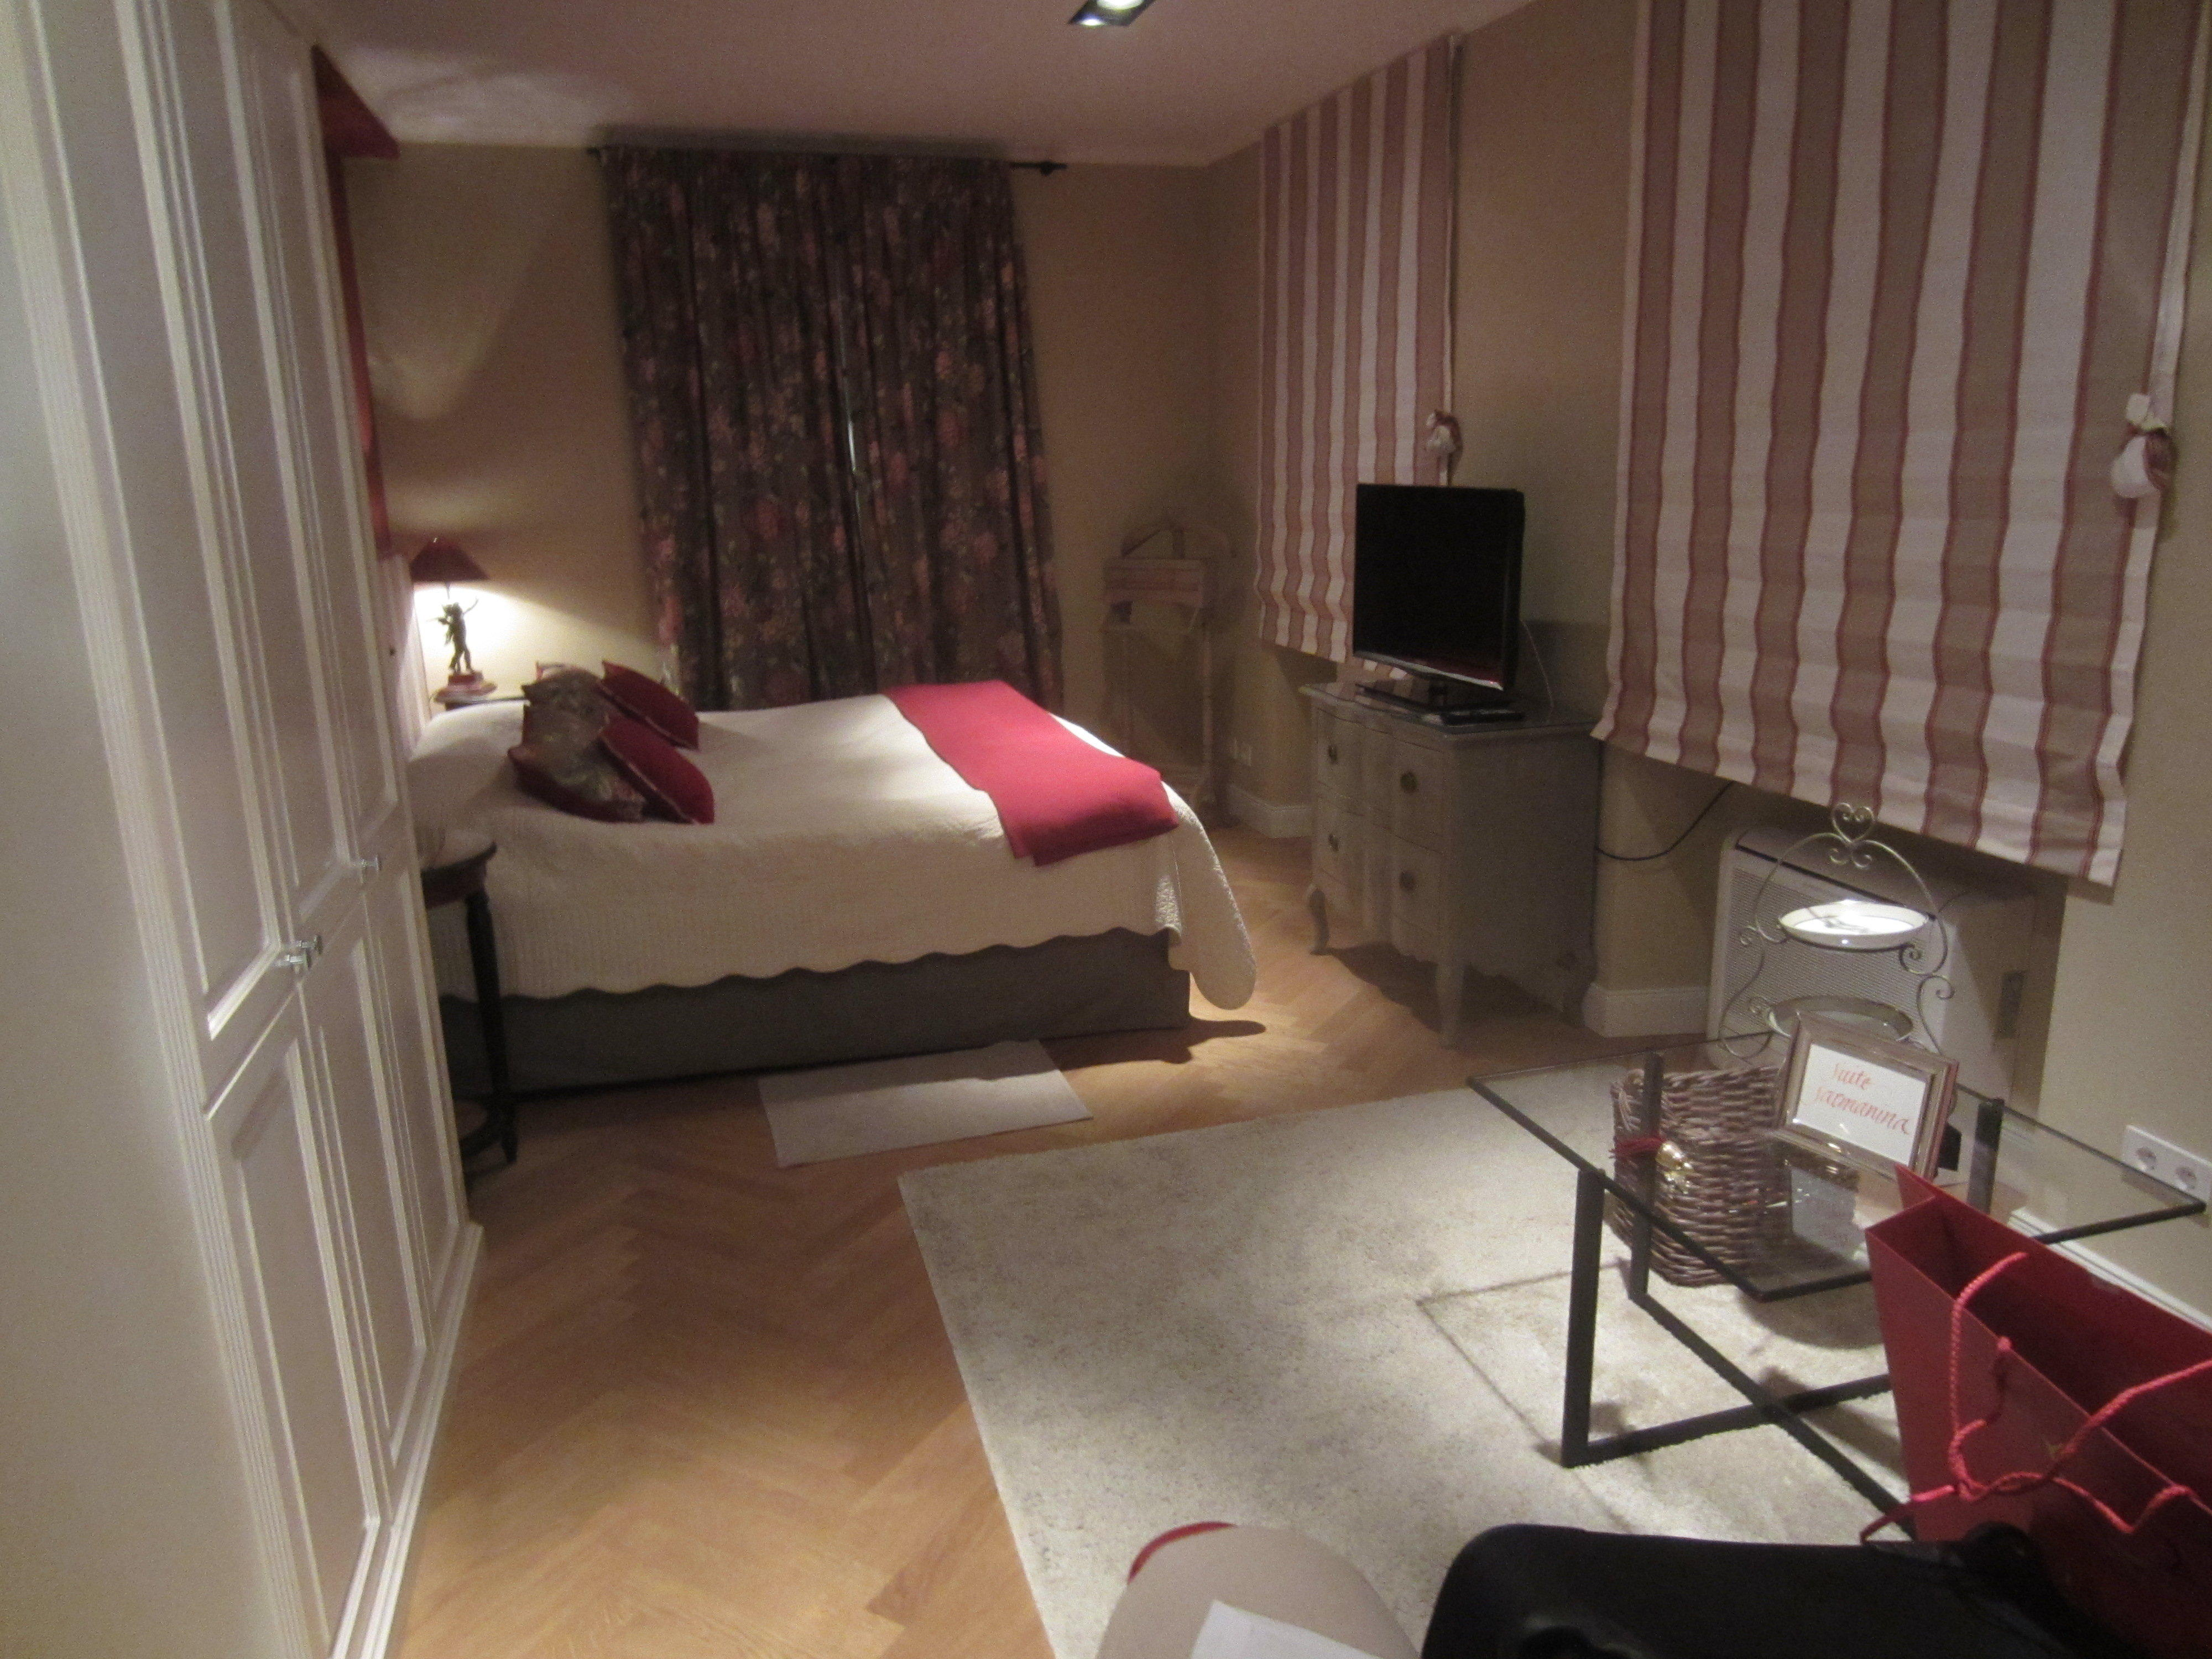 hotel bischofshof am dom in regensburg holidaycheck bayern deutschland. Black Bedroom Furniture Sets. Home Design Ideas